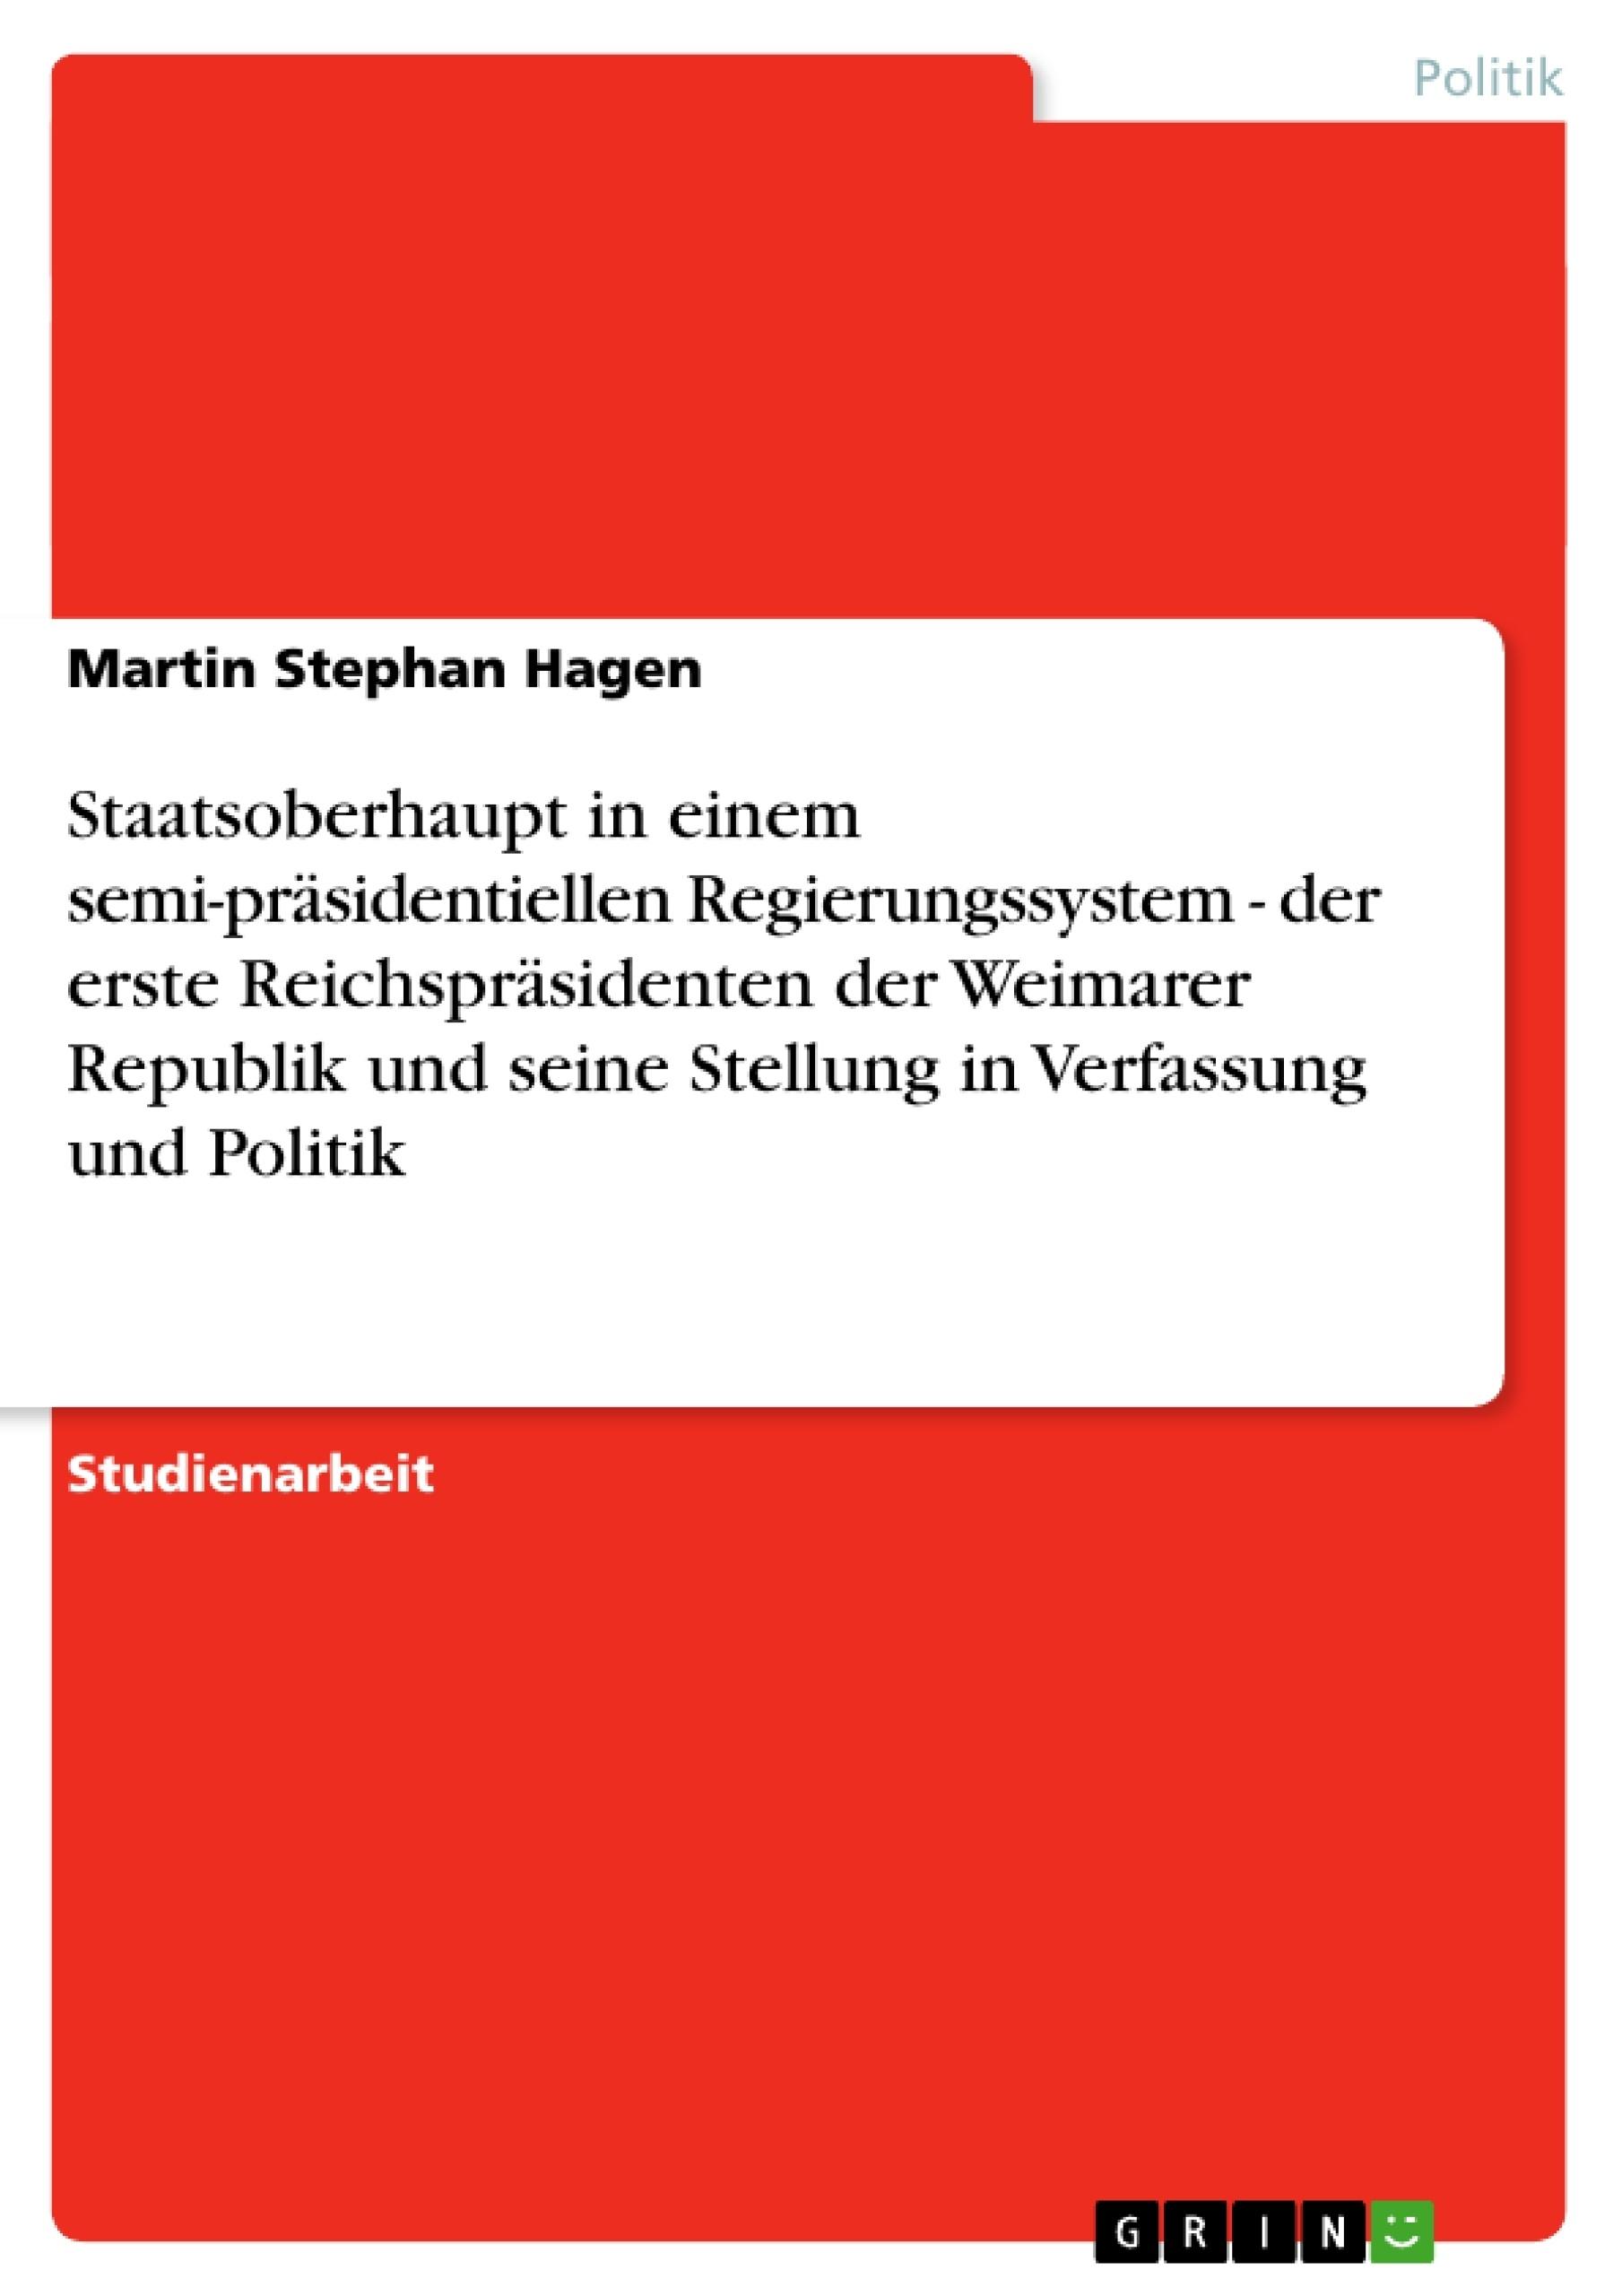 Titel: Staatsoberhaupt in einem semi-präsidentiellen Regierungssystem - der erste Reichspräsidenten der Weimarer Republik und seine Stellung in Verfassung und Politik